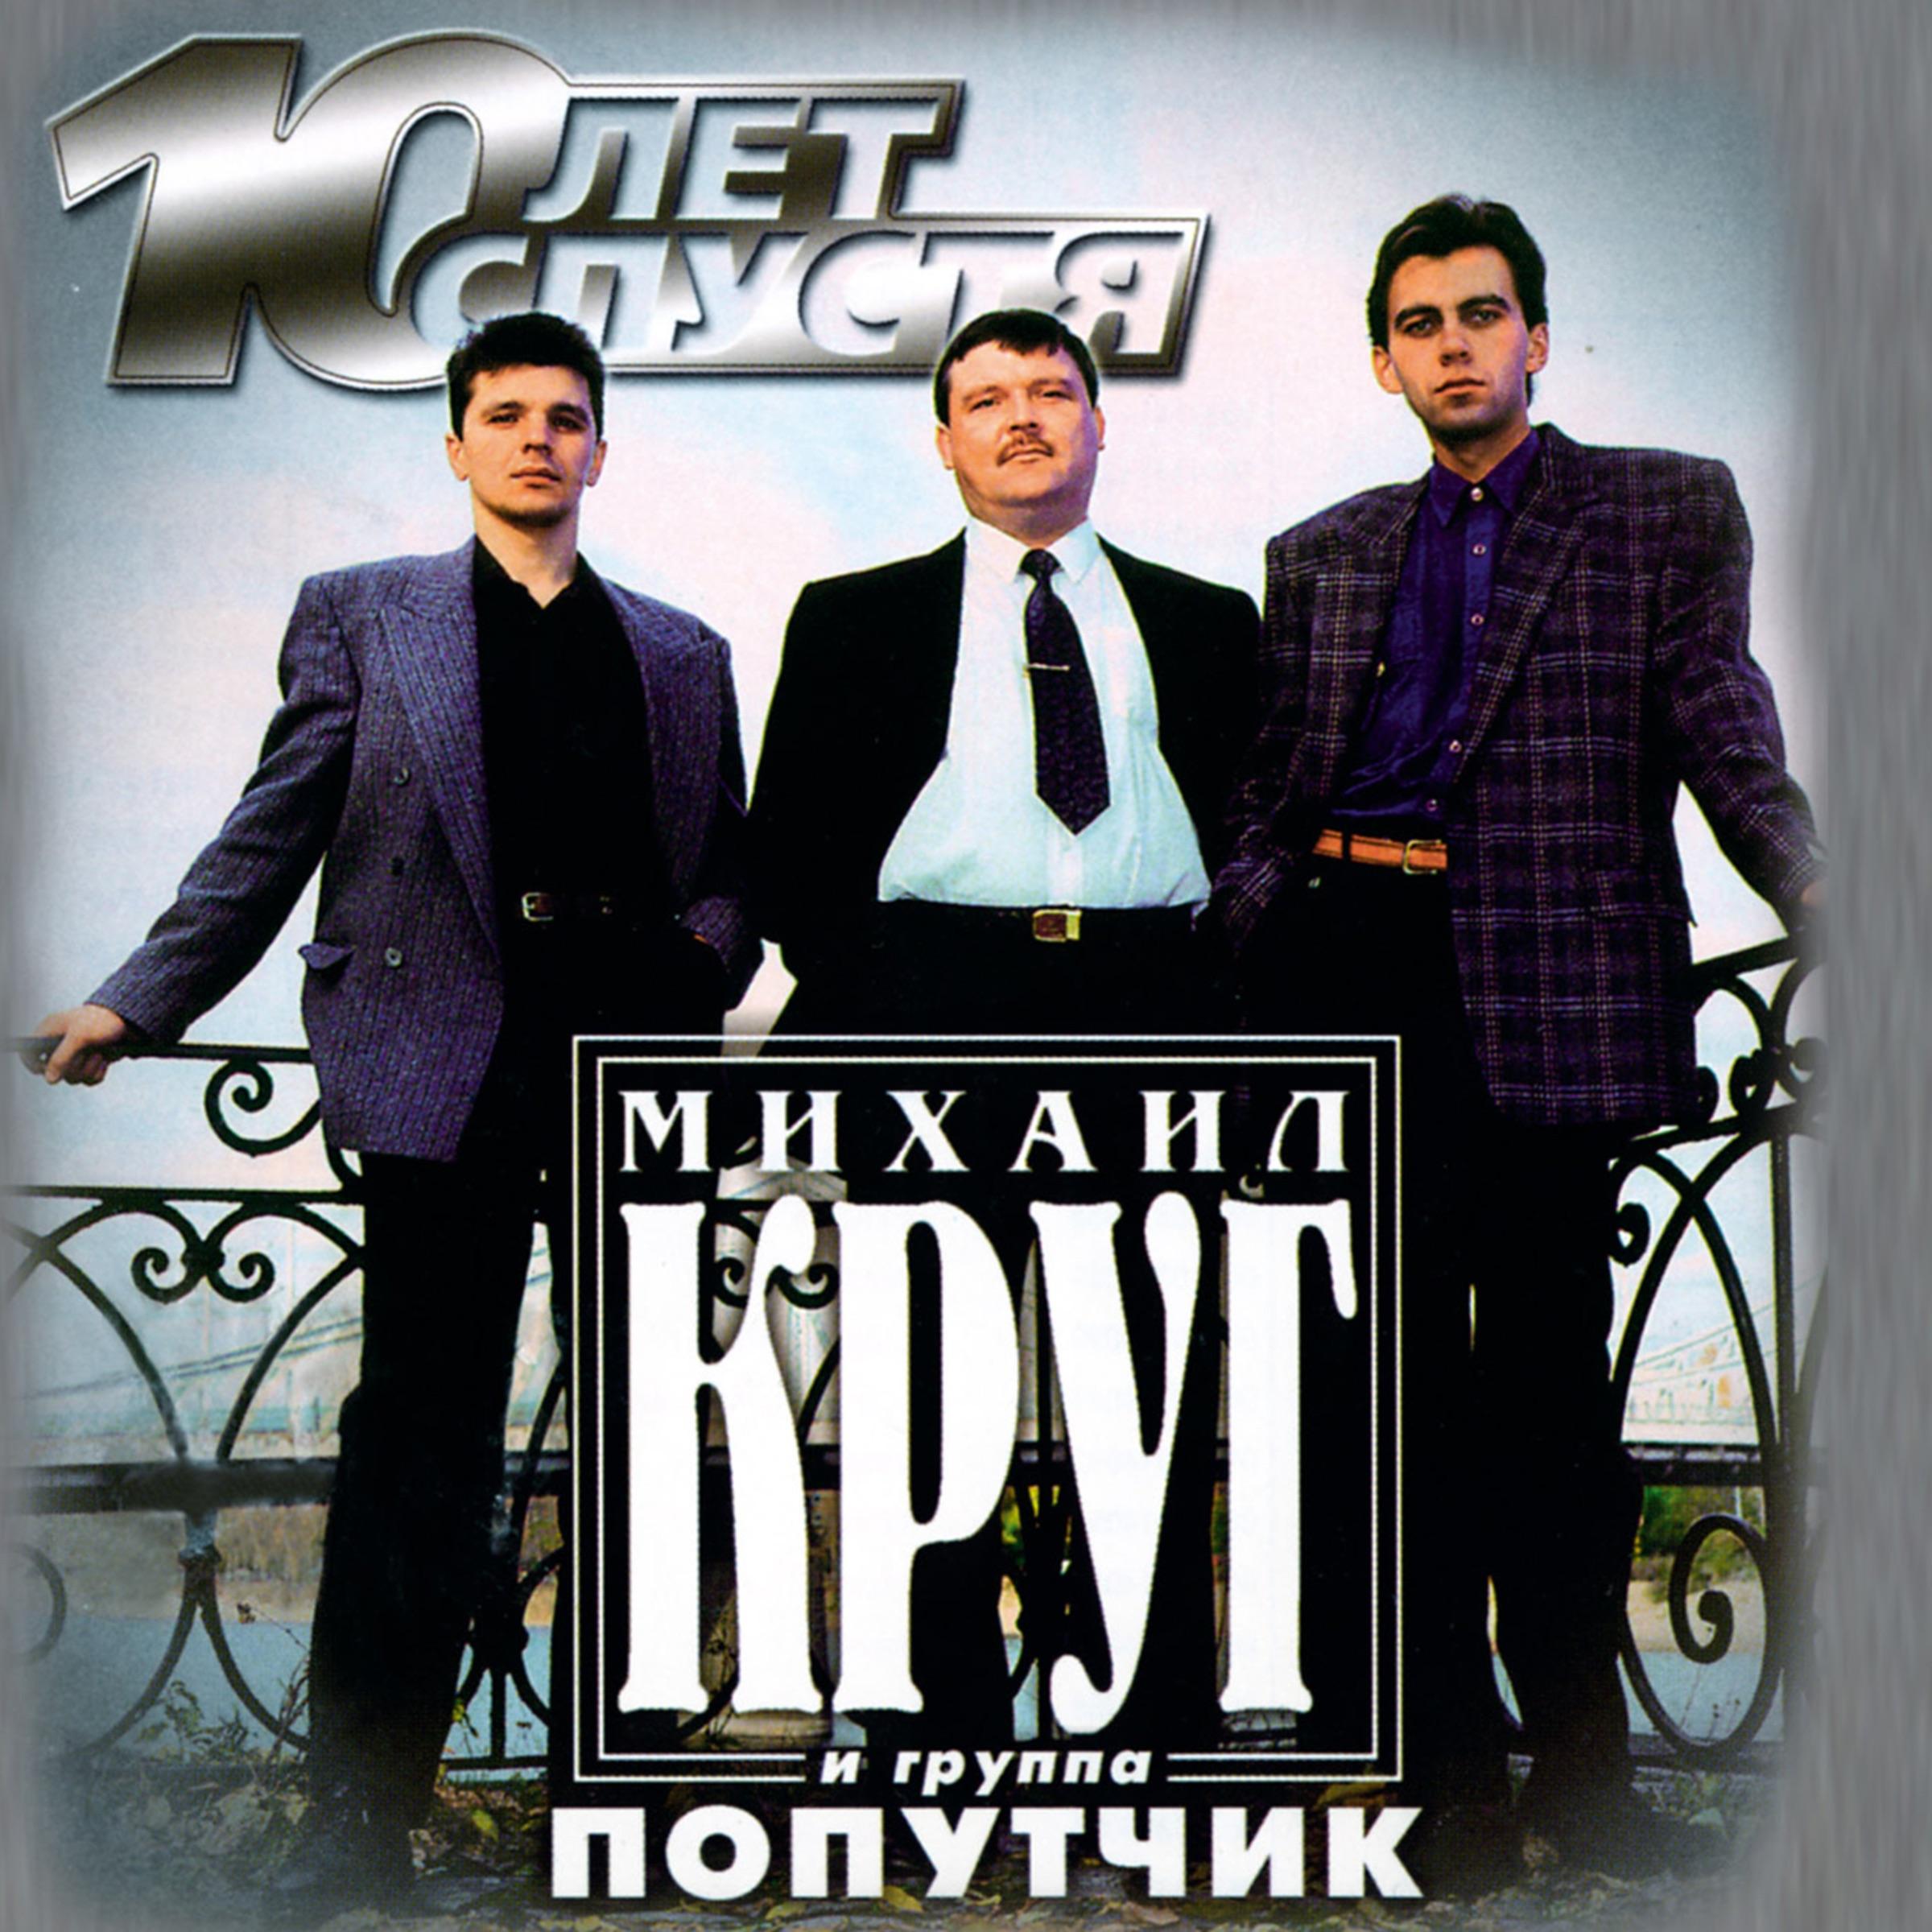 Алексей брянцев скачать бесплатно mp3 альбом торрент